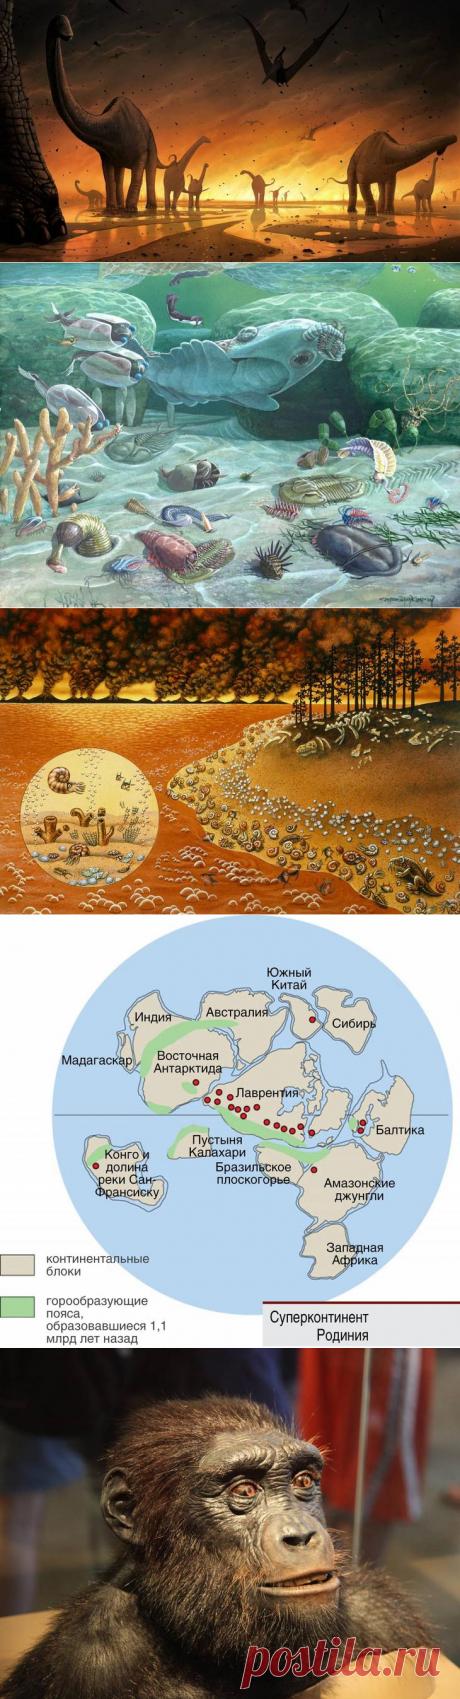 История Земли за полчаса